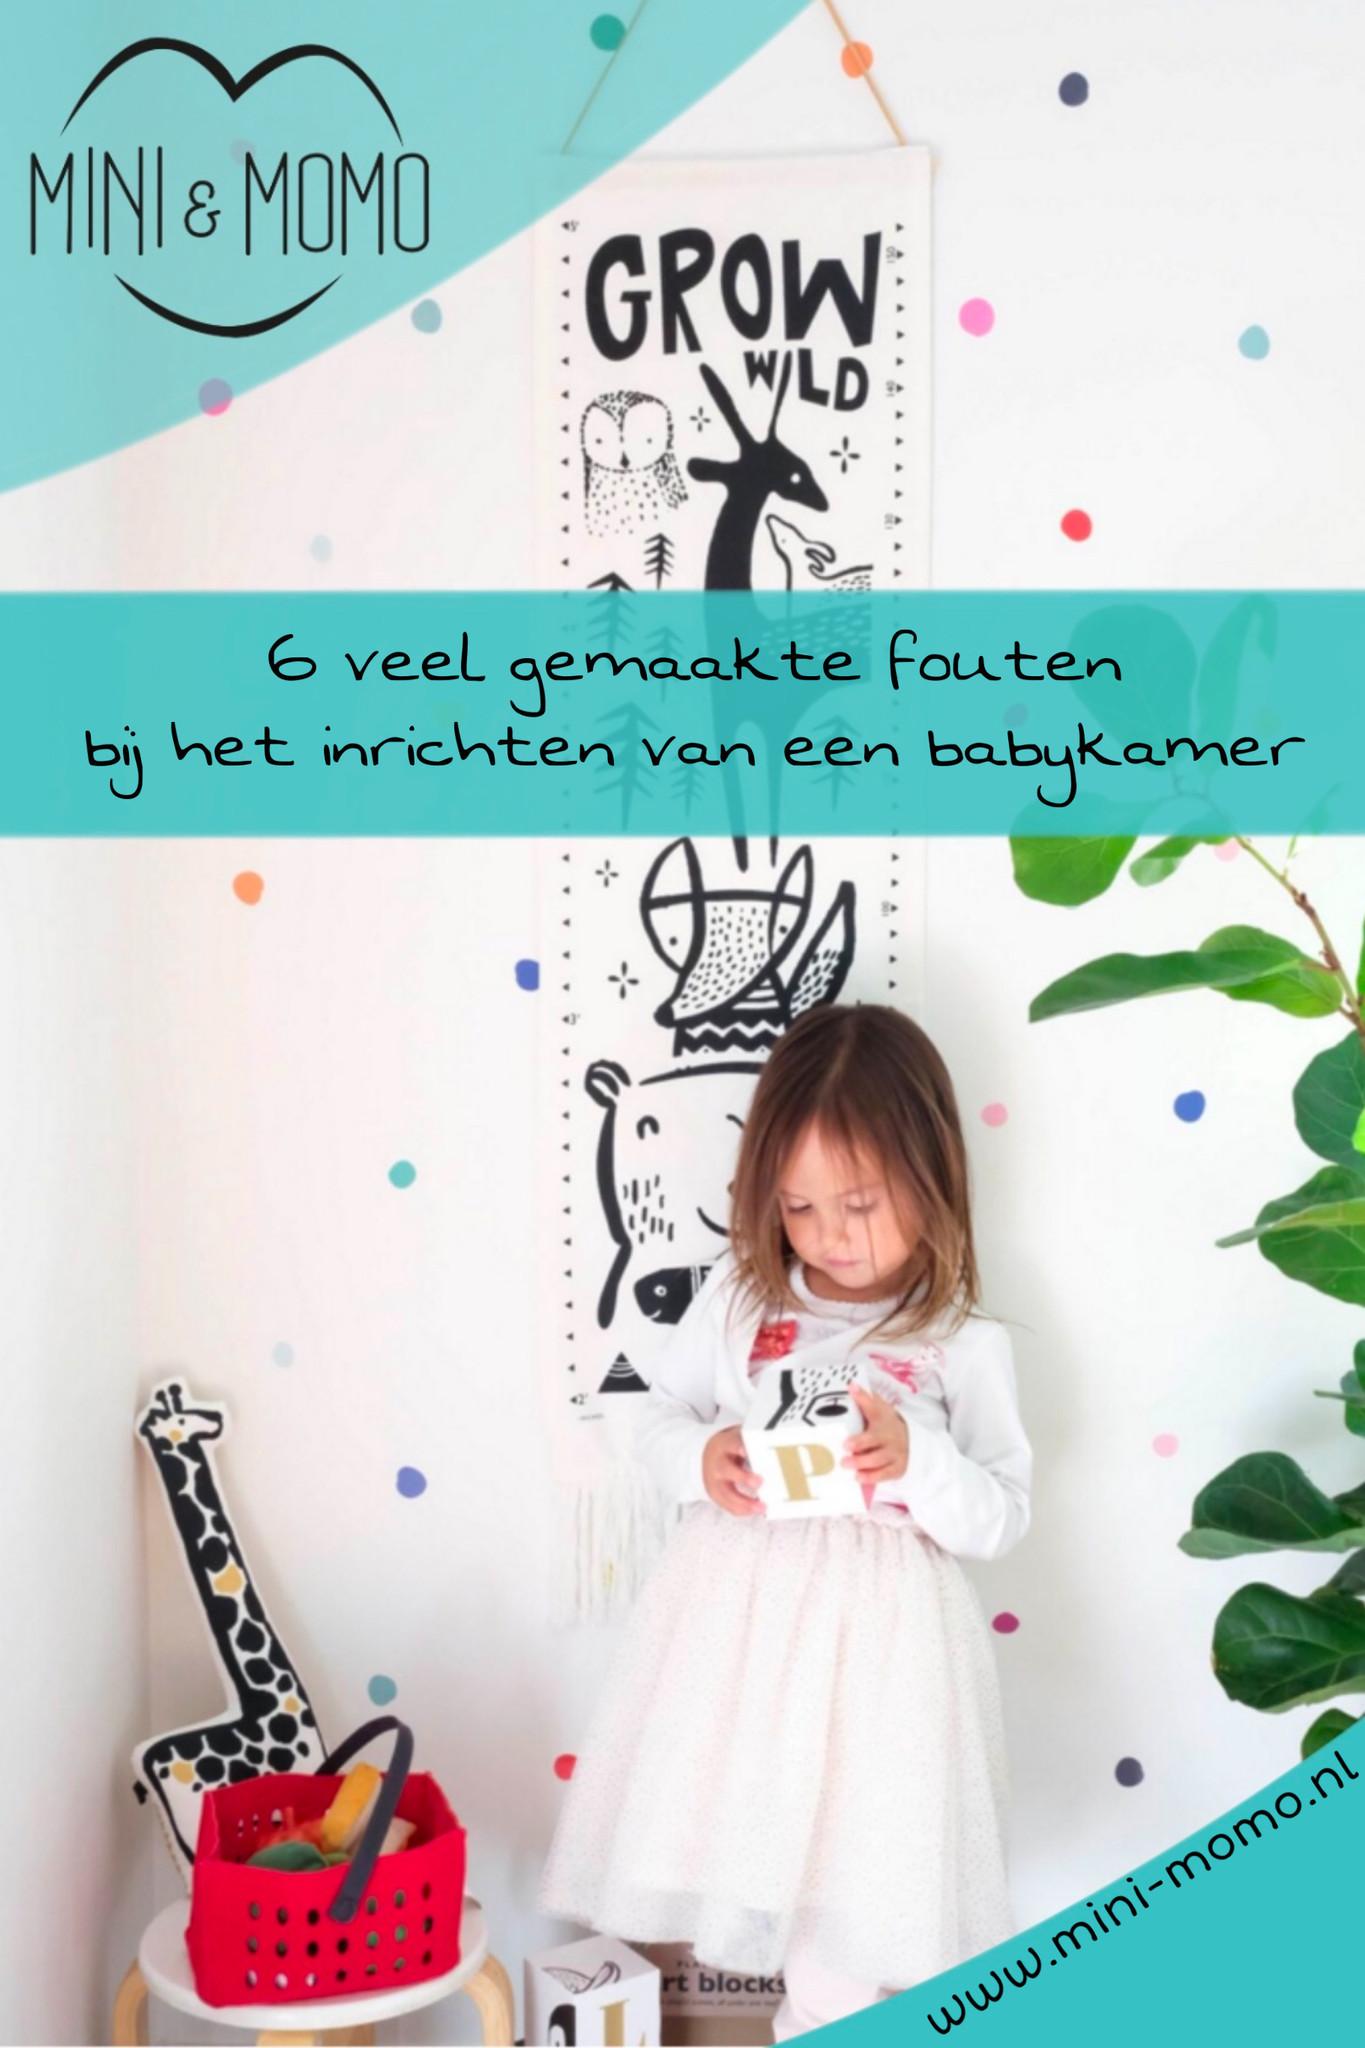 6 veel gemaakte fouten bij het inrichten van een babykamer